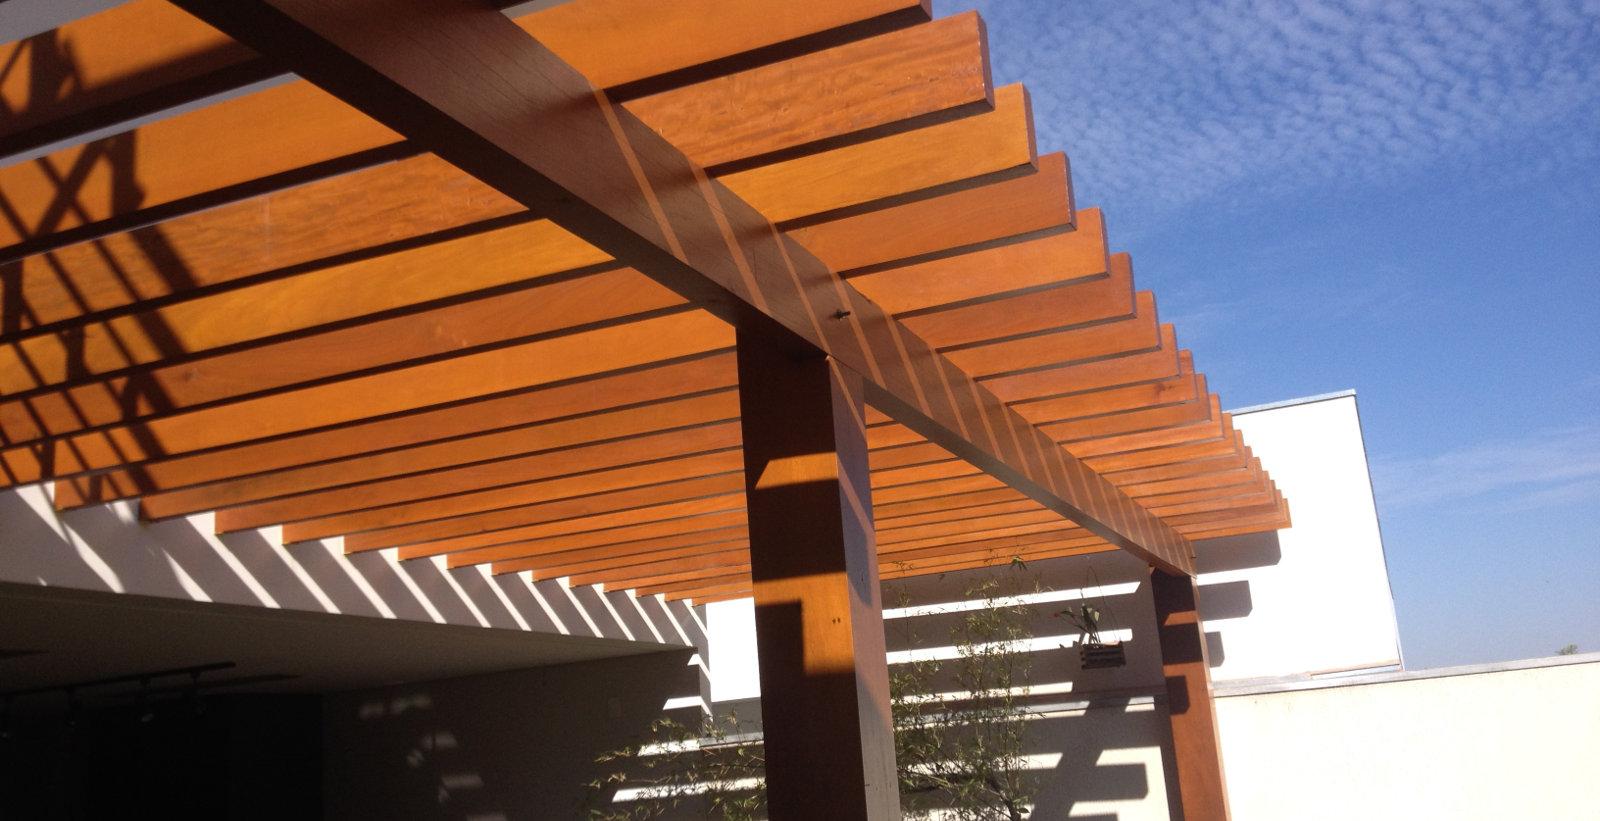 Mademarchi madeiras decks e pergolados #AD531E 1600x821